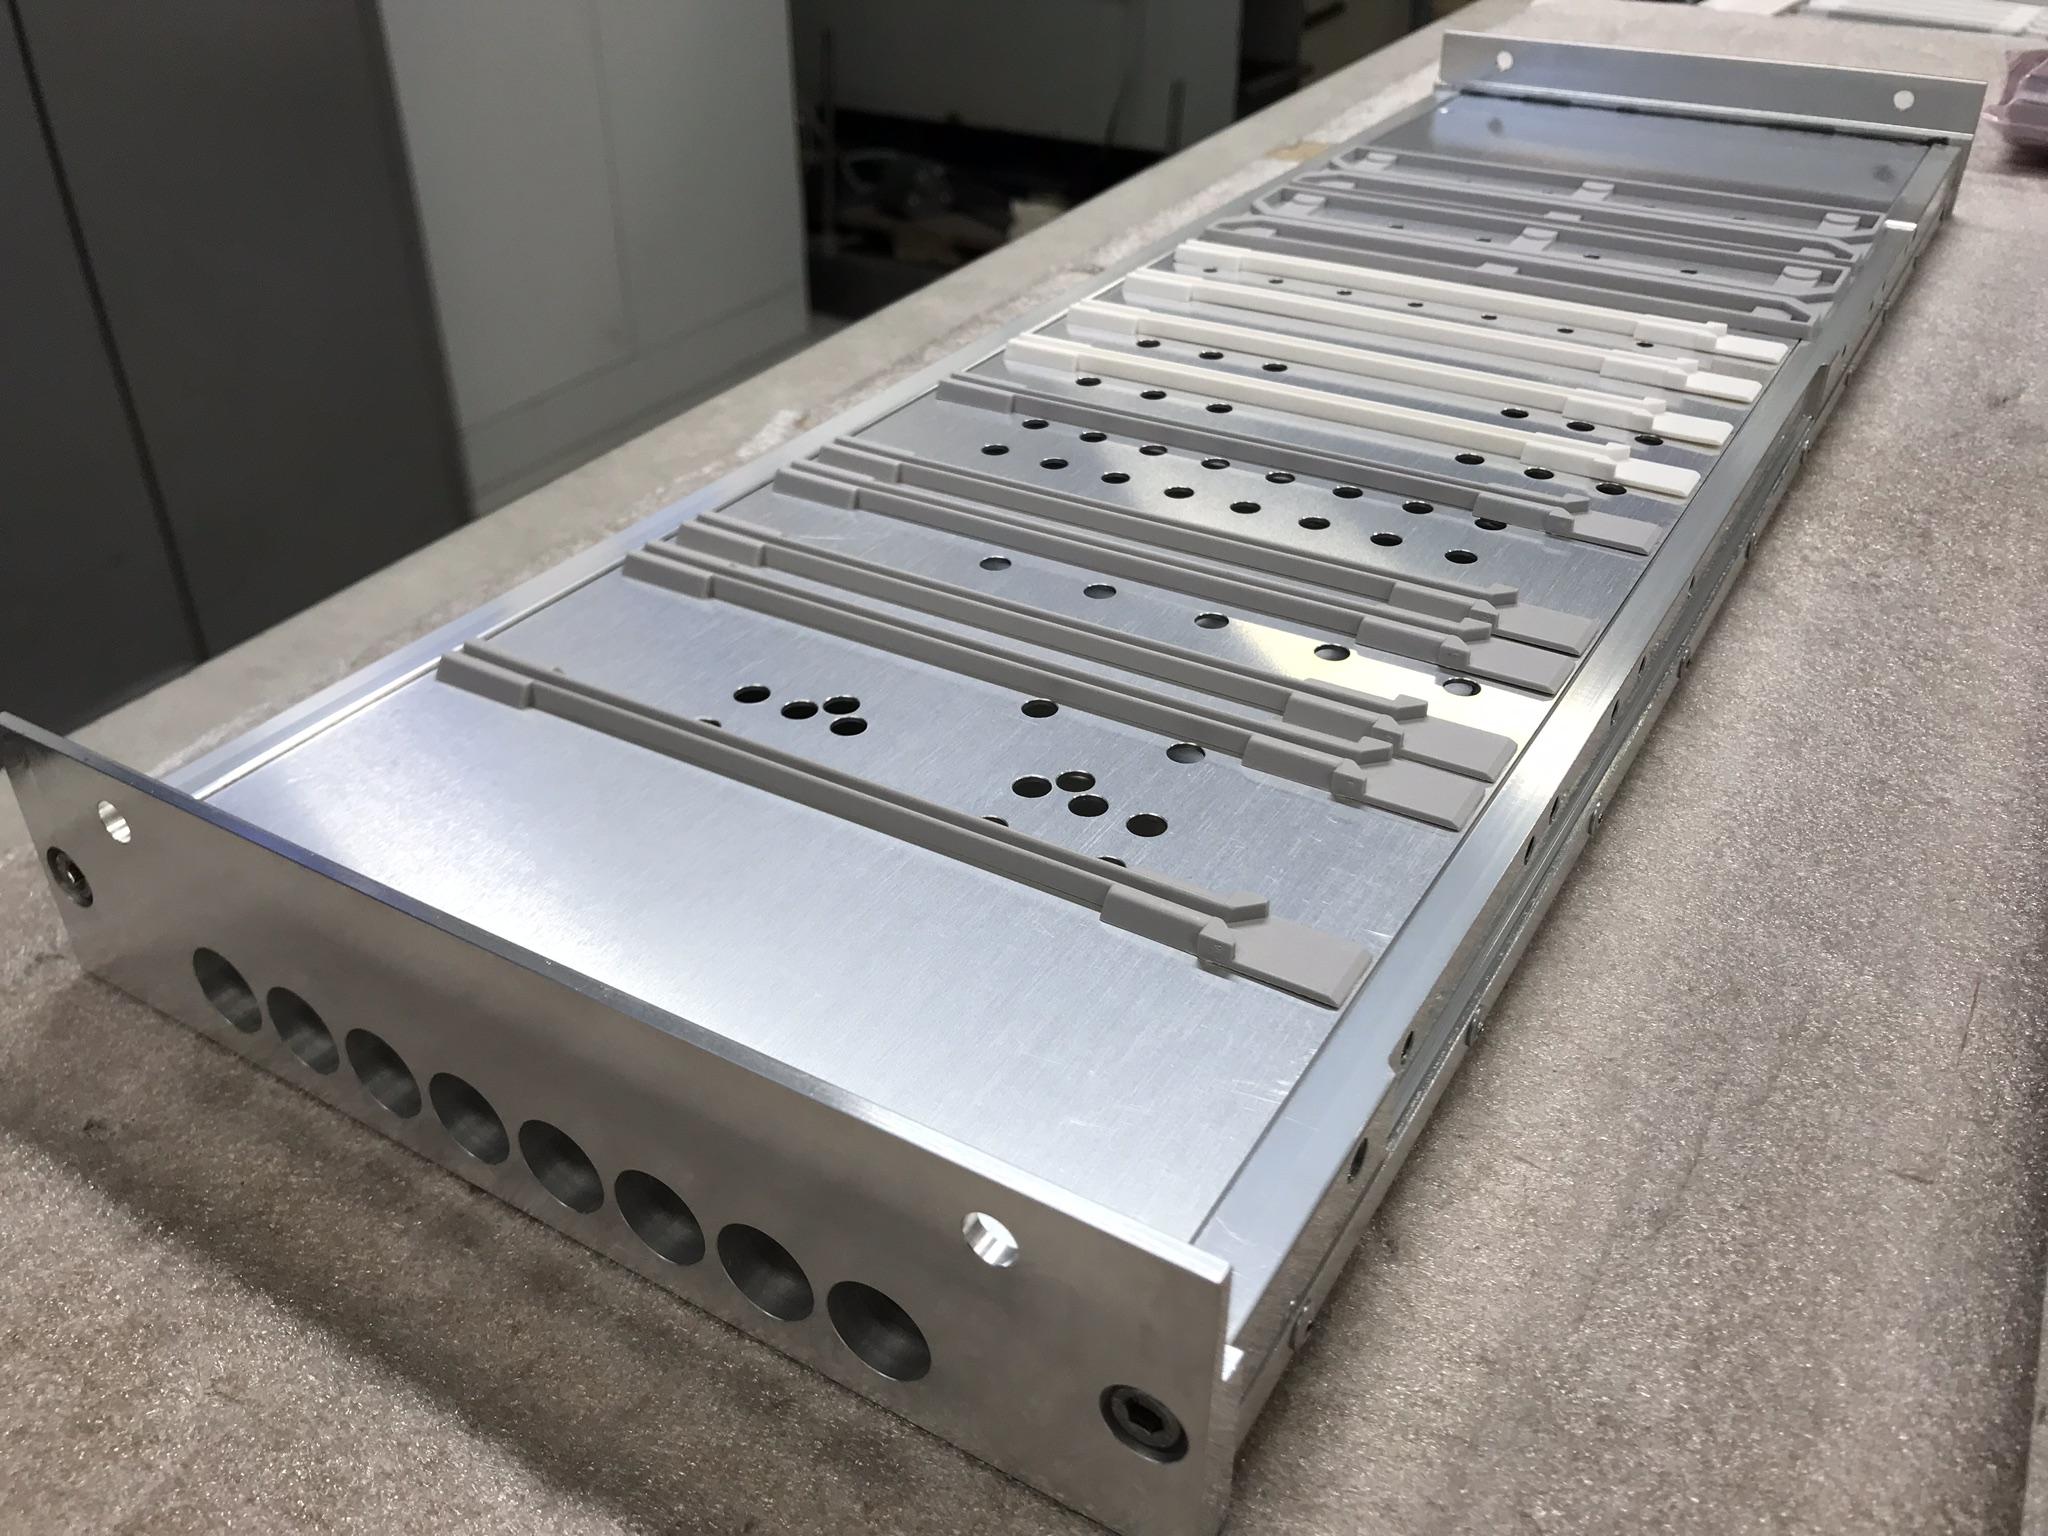 Luftkanaler för kylning av elektronik